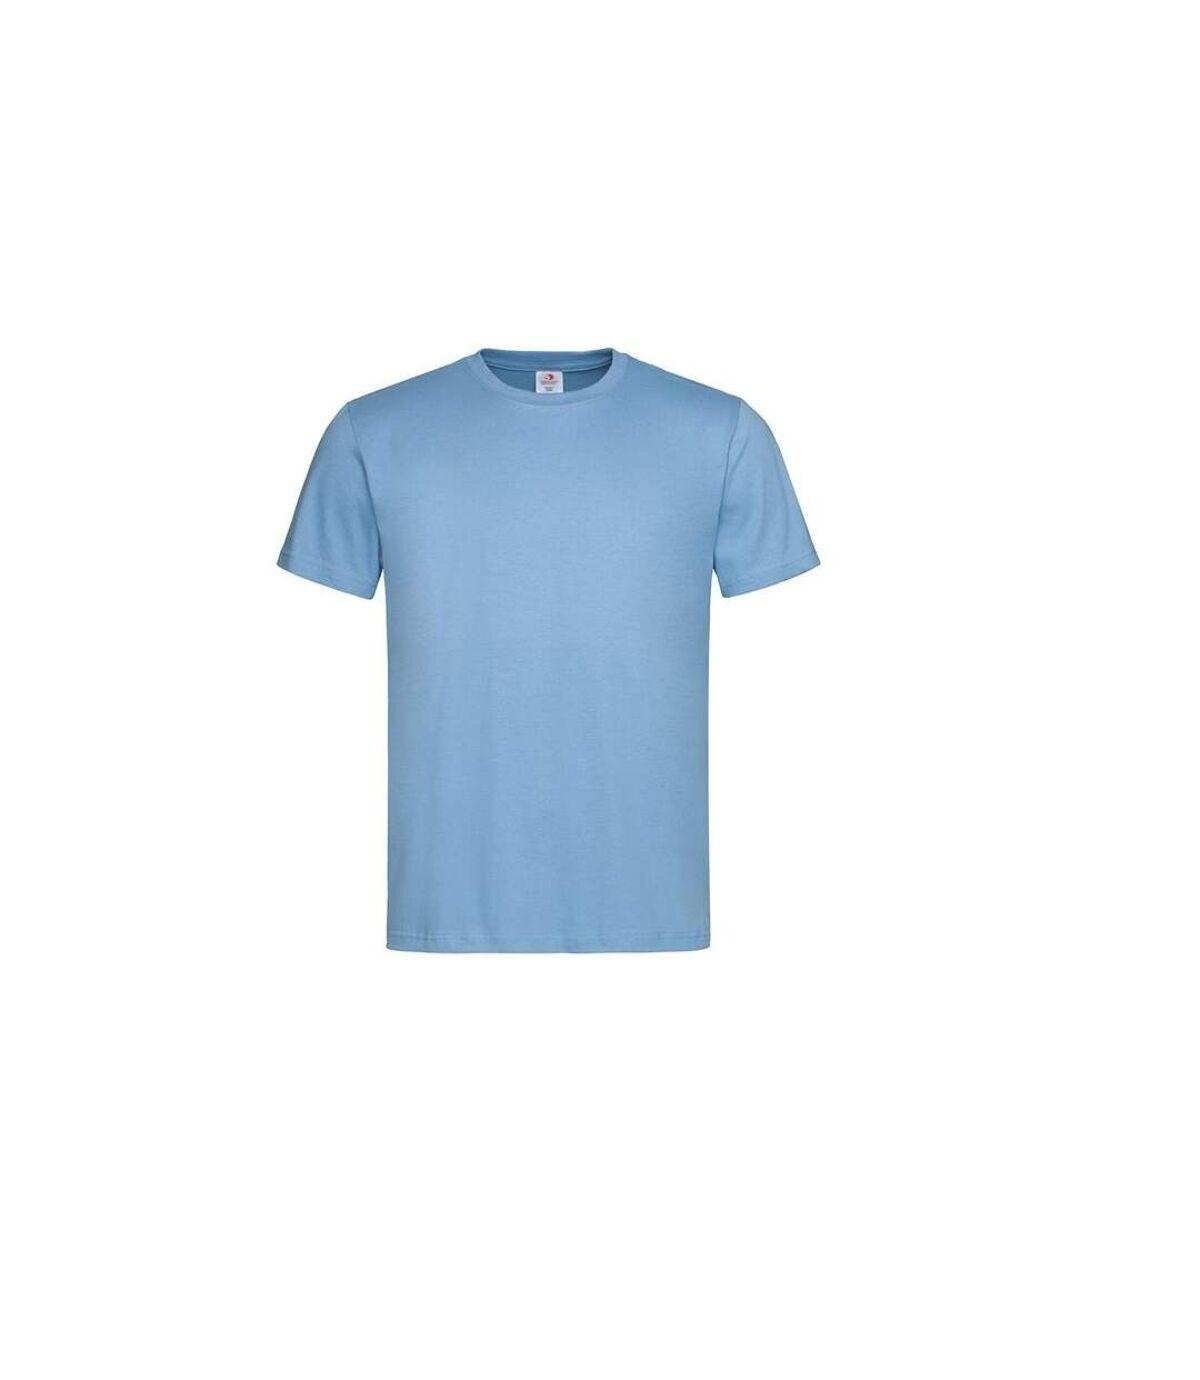 Stedman Mens Classic Tee (Light Blue) - UTAB269